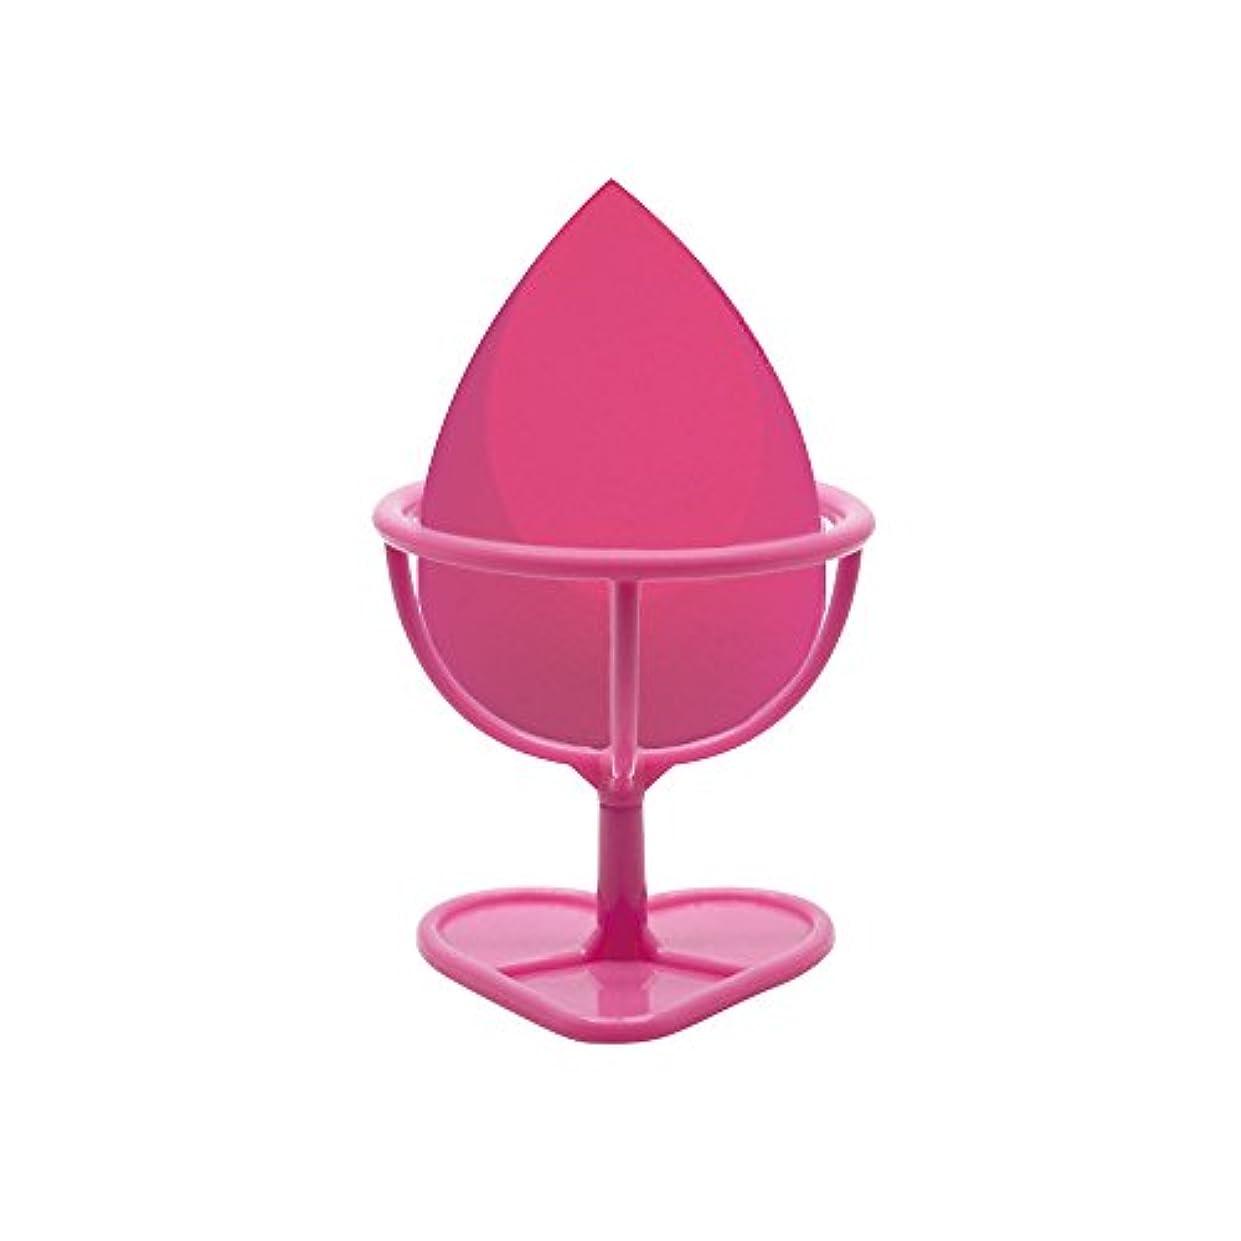 豚家主アプトHeybeauty メイクスポンジ 斜めカット?卵型 化粧パフ ボックス付き パフ乾燥用スタンド付き ローズレッド